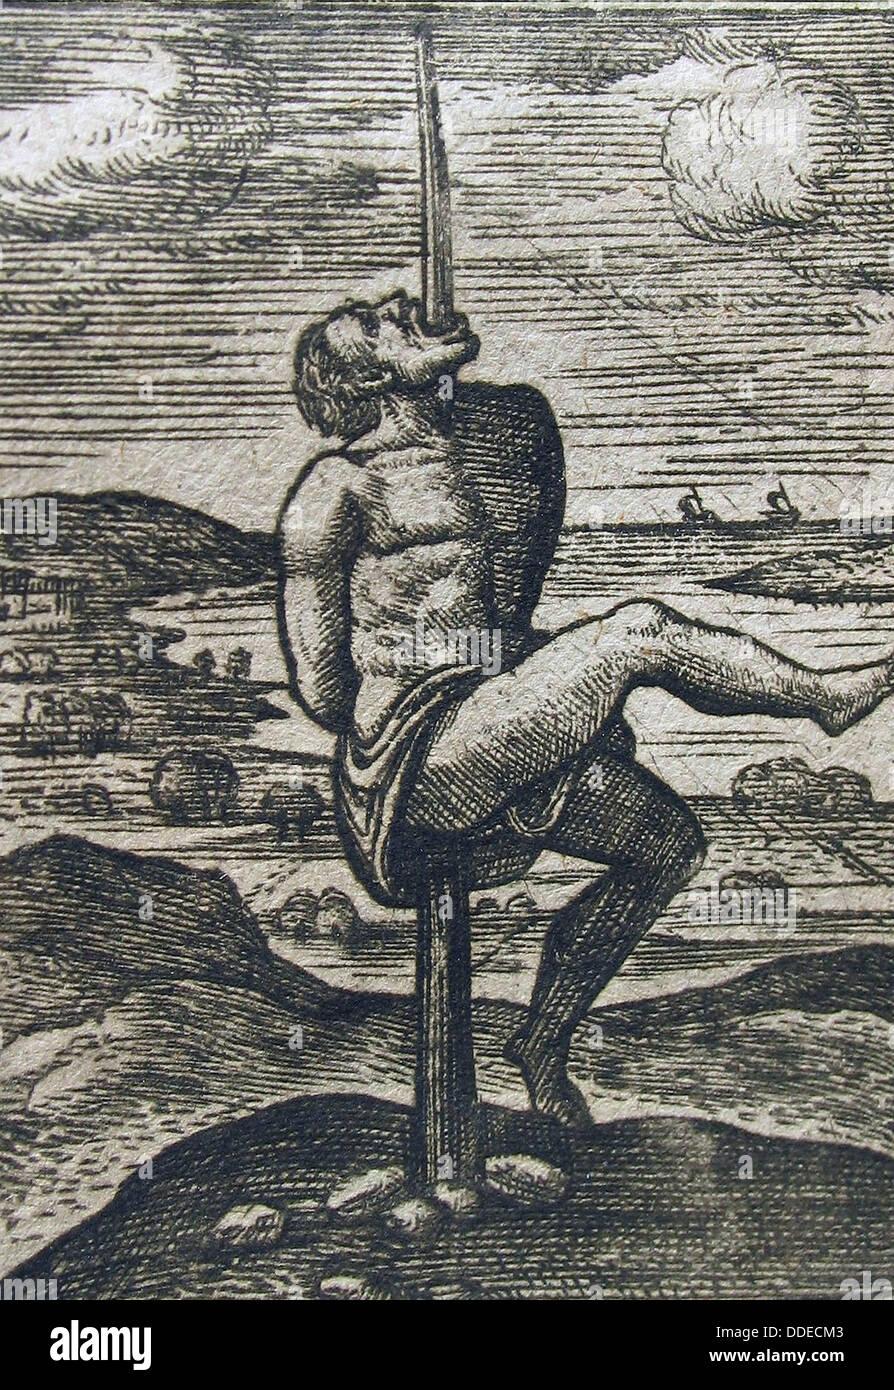 Impalement, esecuzione da impalement, fissare Immagini Stock